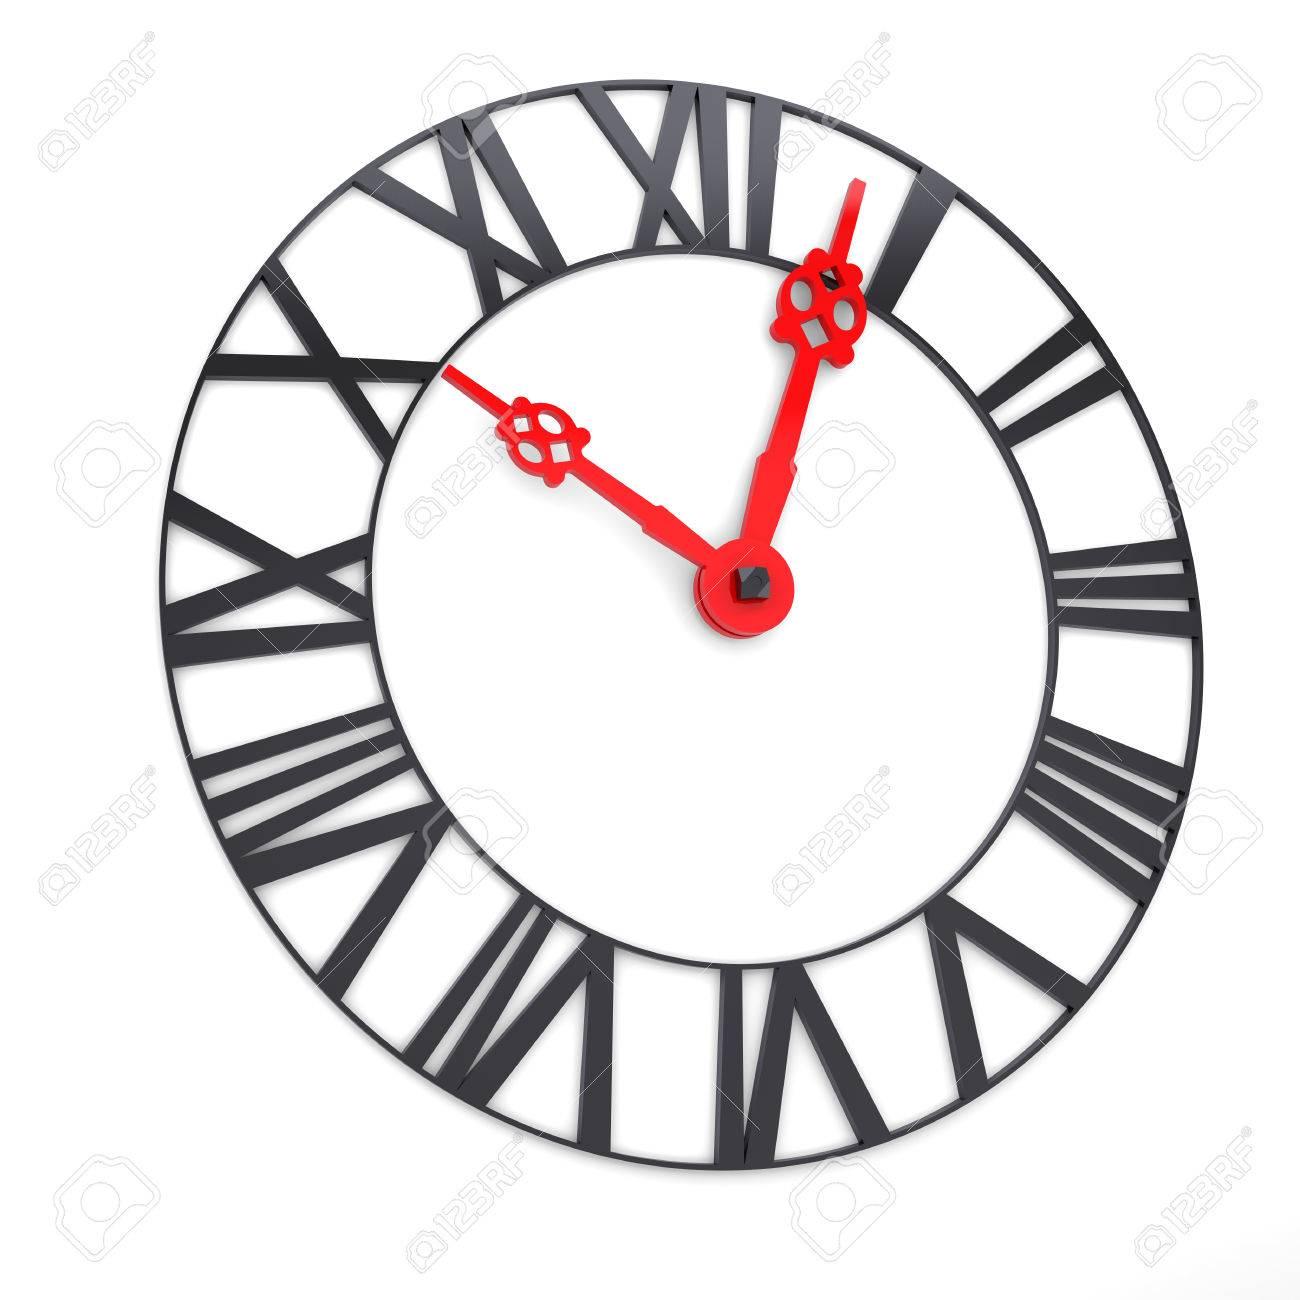 時計の文字盤のローマ数字と時間の概念